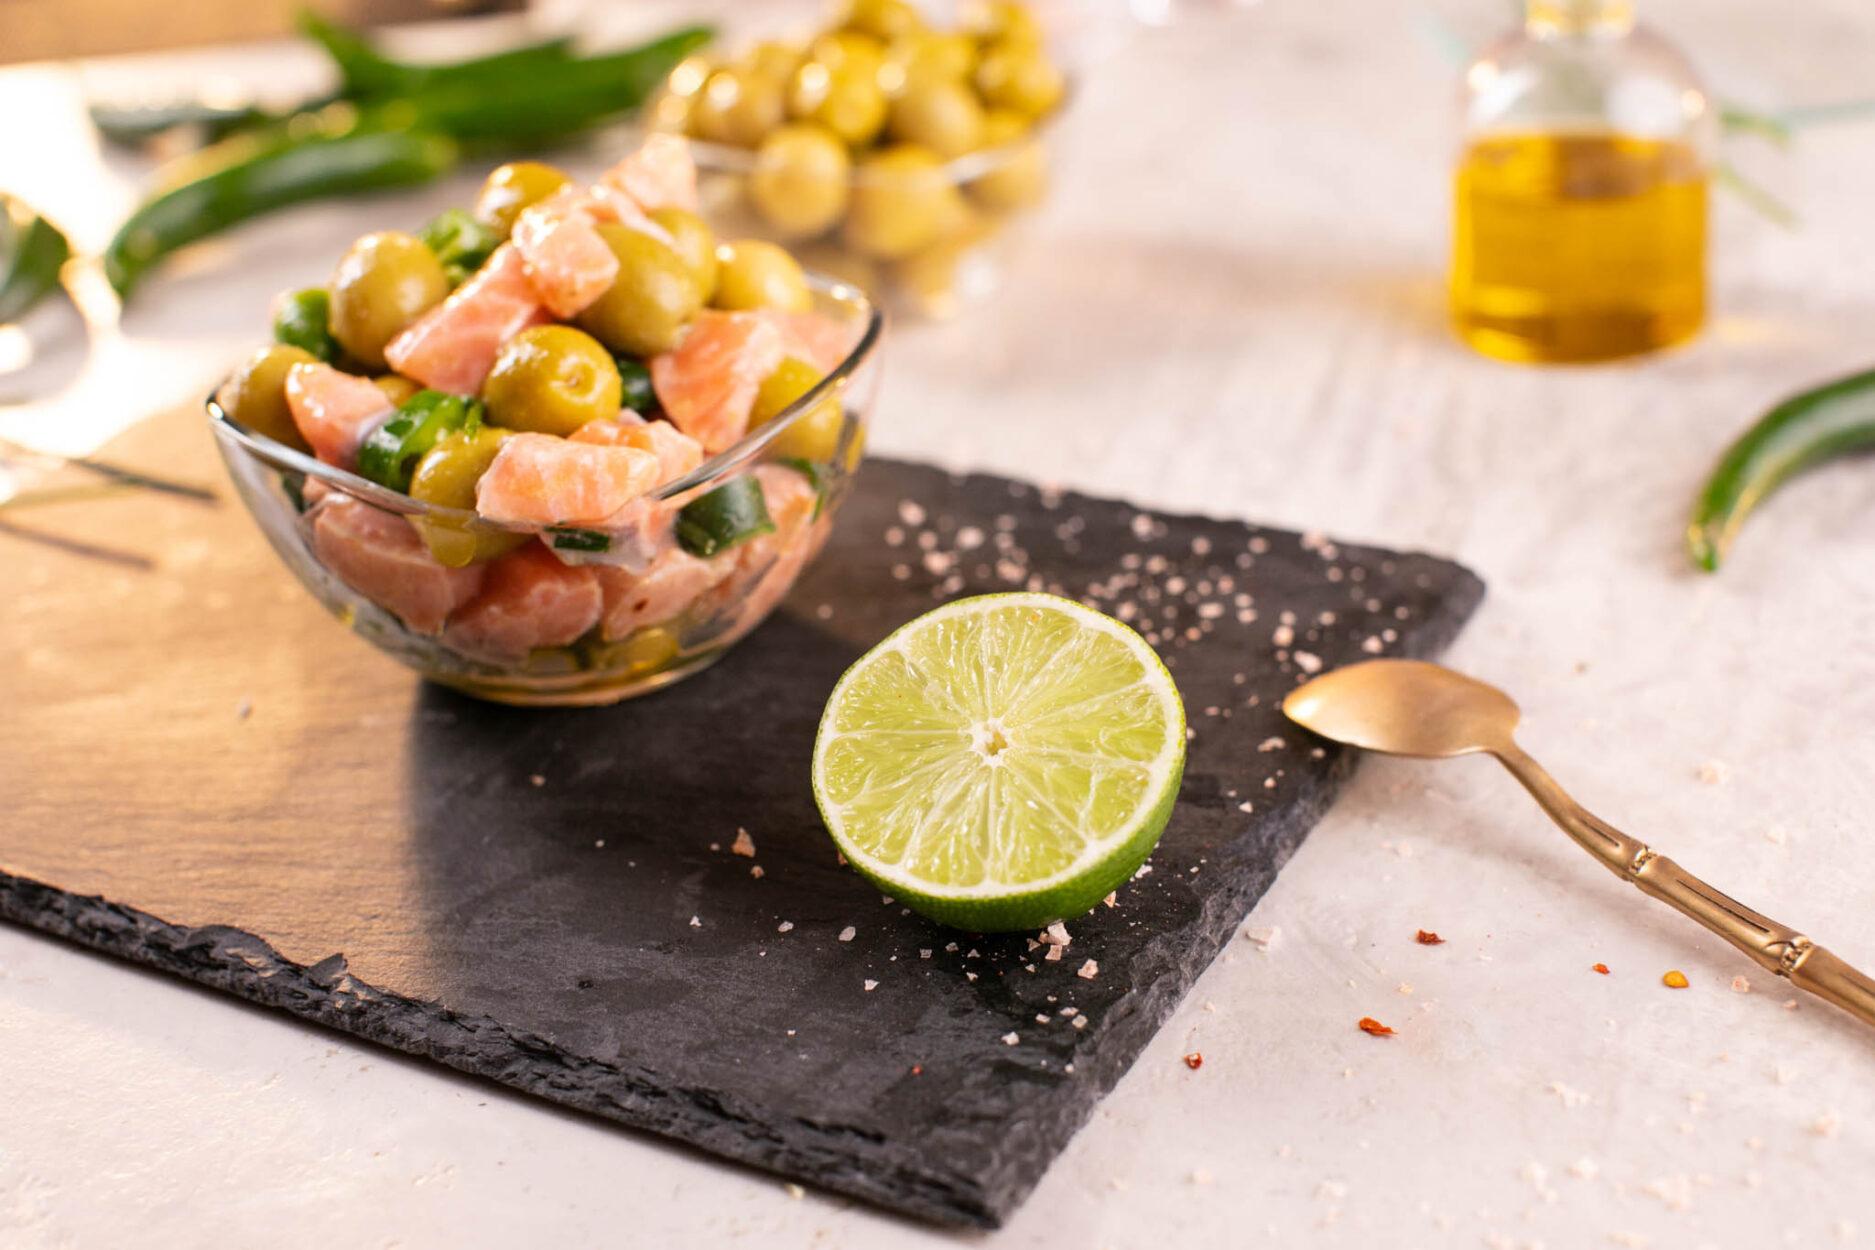 gastronomica-alimentos-nicoletalupuagency (79 of 84)